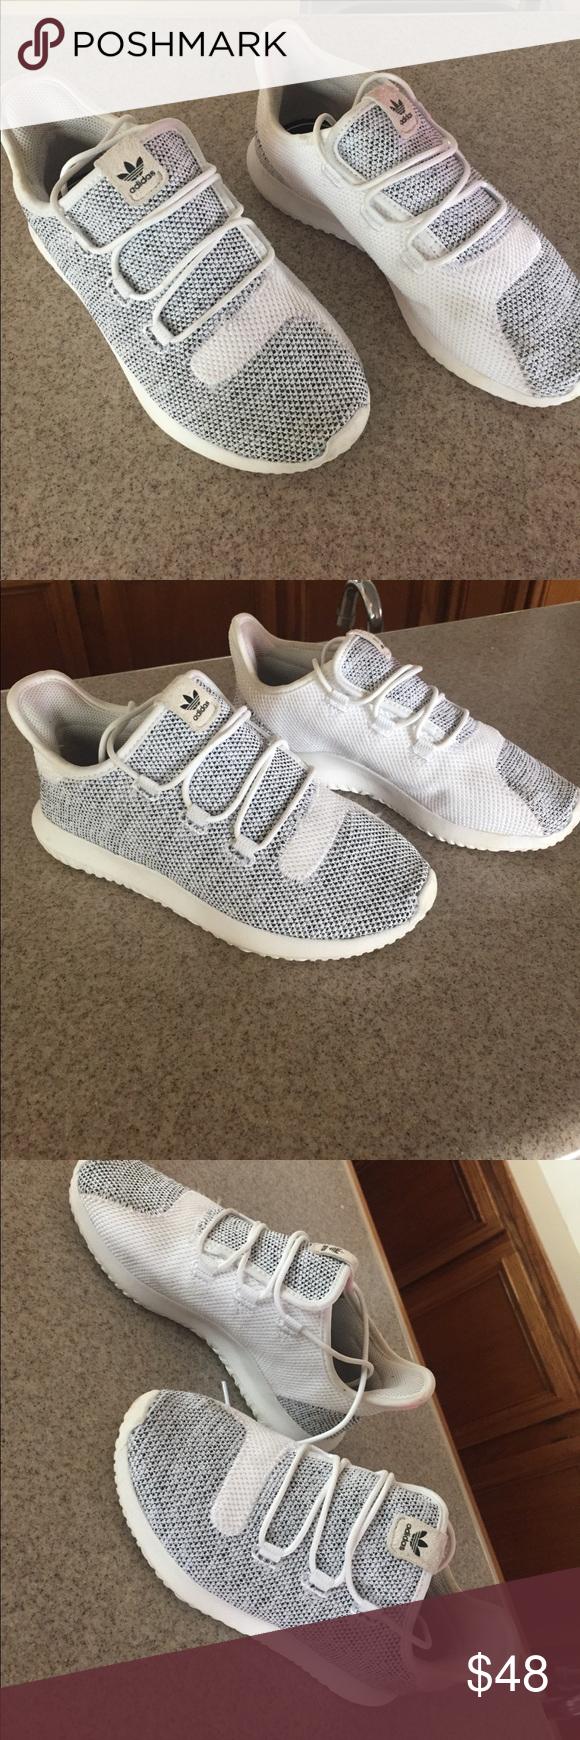 adidas tubuläre schatten stricken white